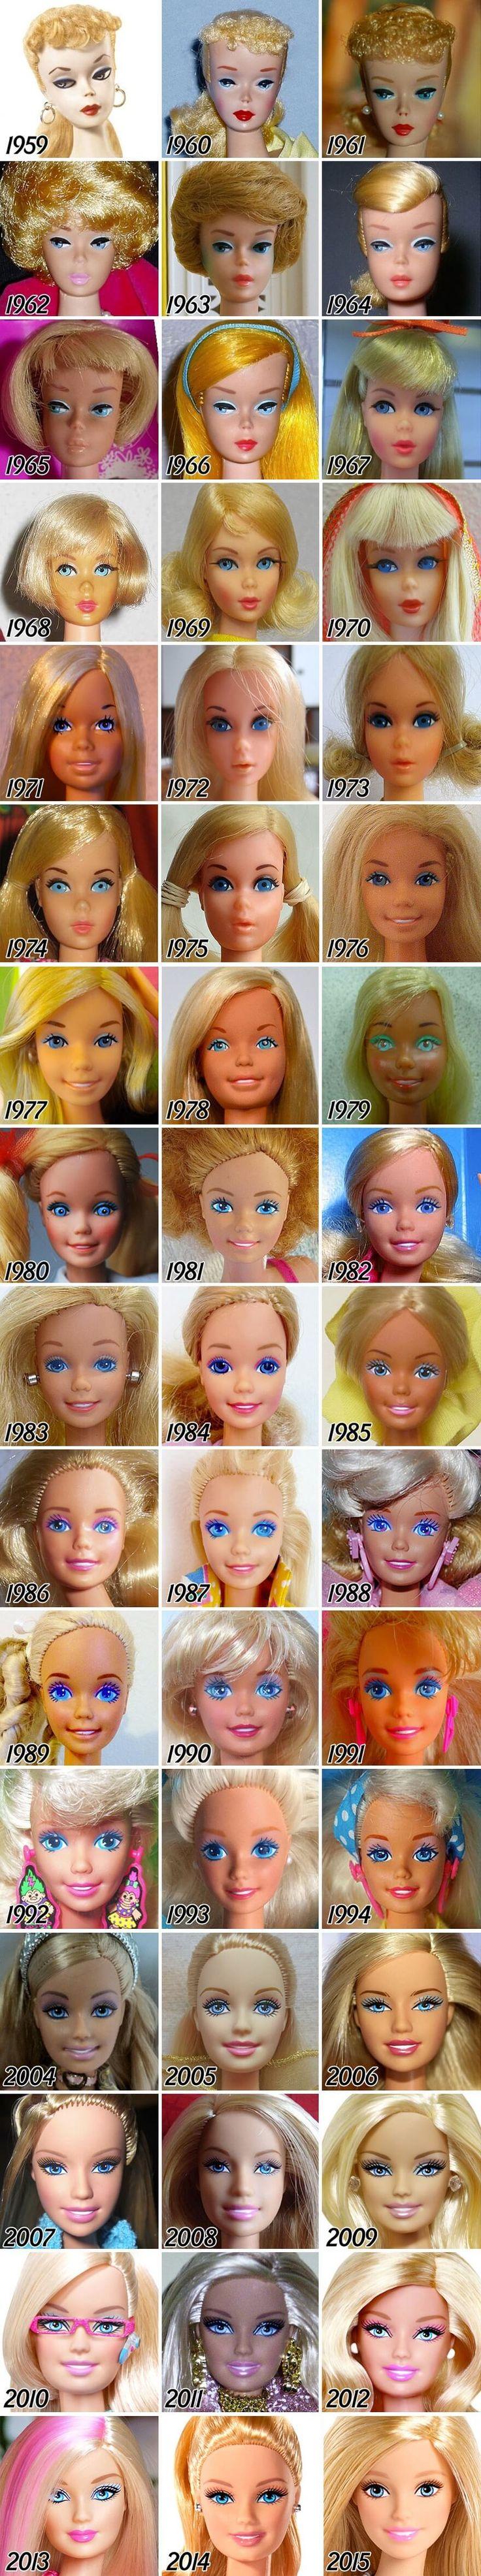 Na haar eerste introductie in 1959 is de iconische Barbiepop vele malen veranderd volgens de schoonheidsidealen en normen, die de maatschappij in de afgelopen decennia voor vrouwen heeft bepaald.